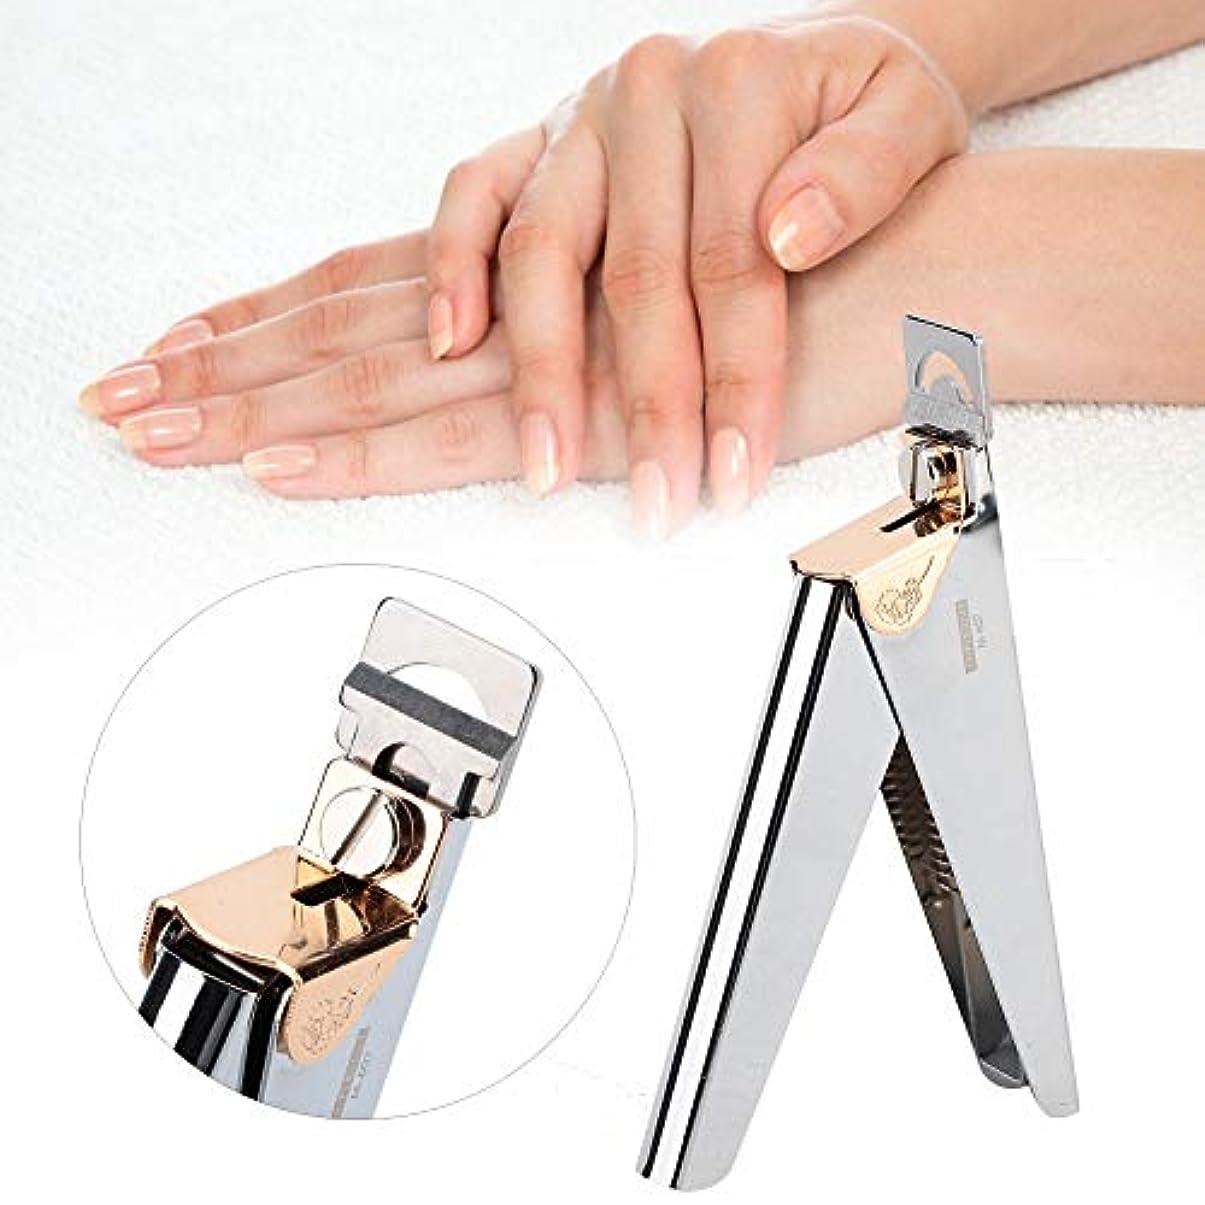 盲信壊滅的なジャニス指爪 爪ケア ネイルチップクリッパーカッター フランス式 プロ U字型ネイルアートクリッパーはさみ - マニキュア偽ネイルチップカッター - ステンレス鋼